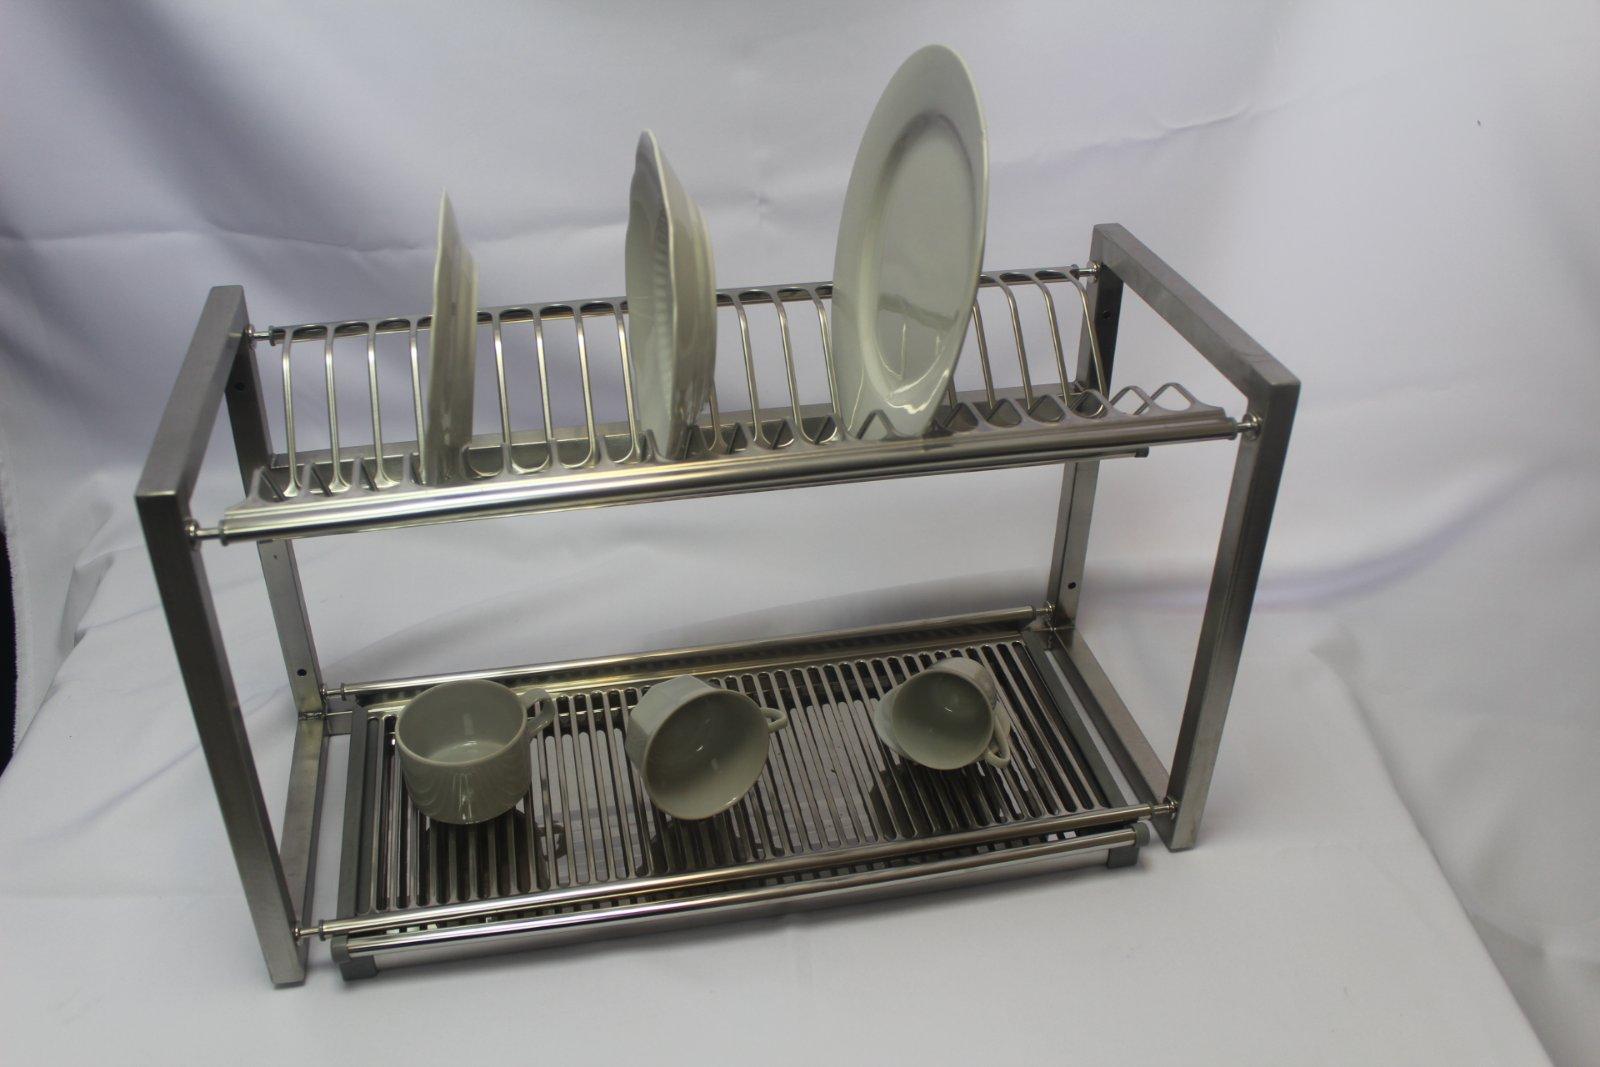 Полка для сушки посуды открытая (800 x 300 x 350) - фотография №7